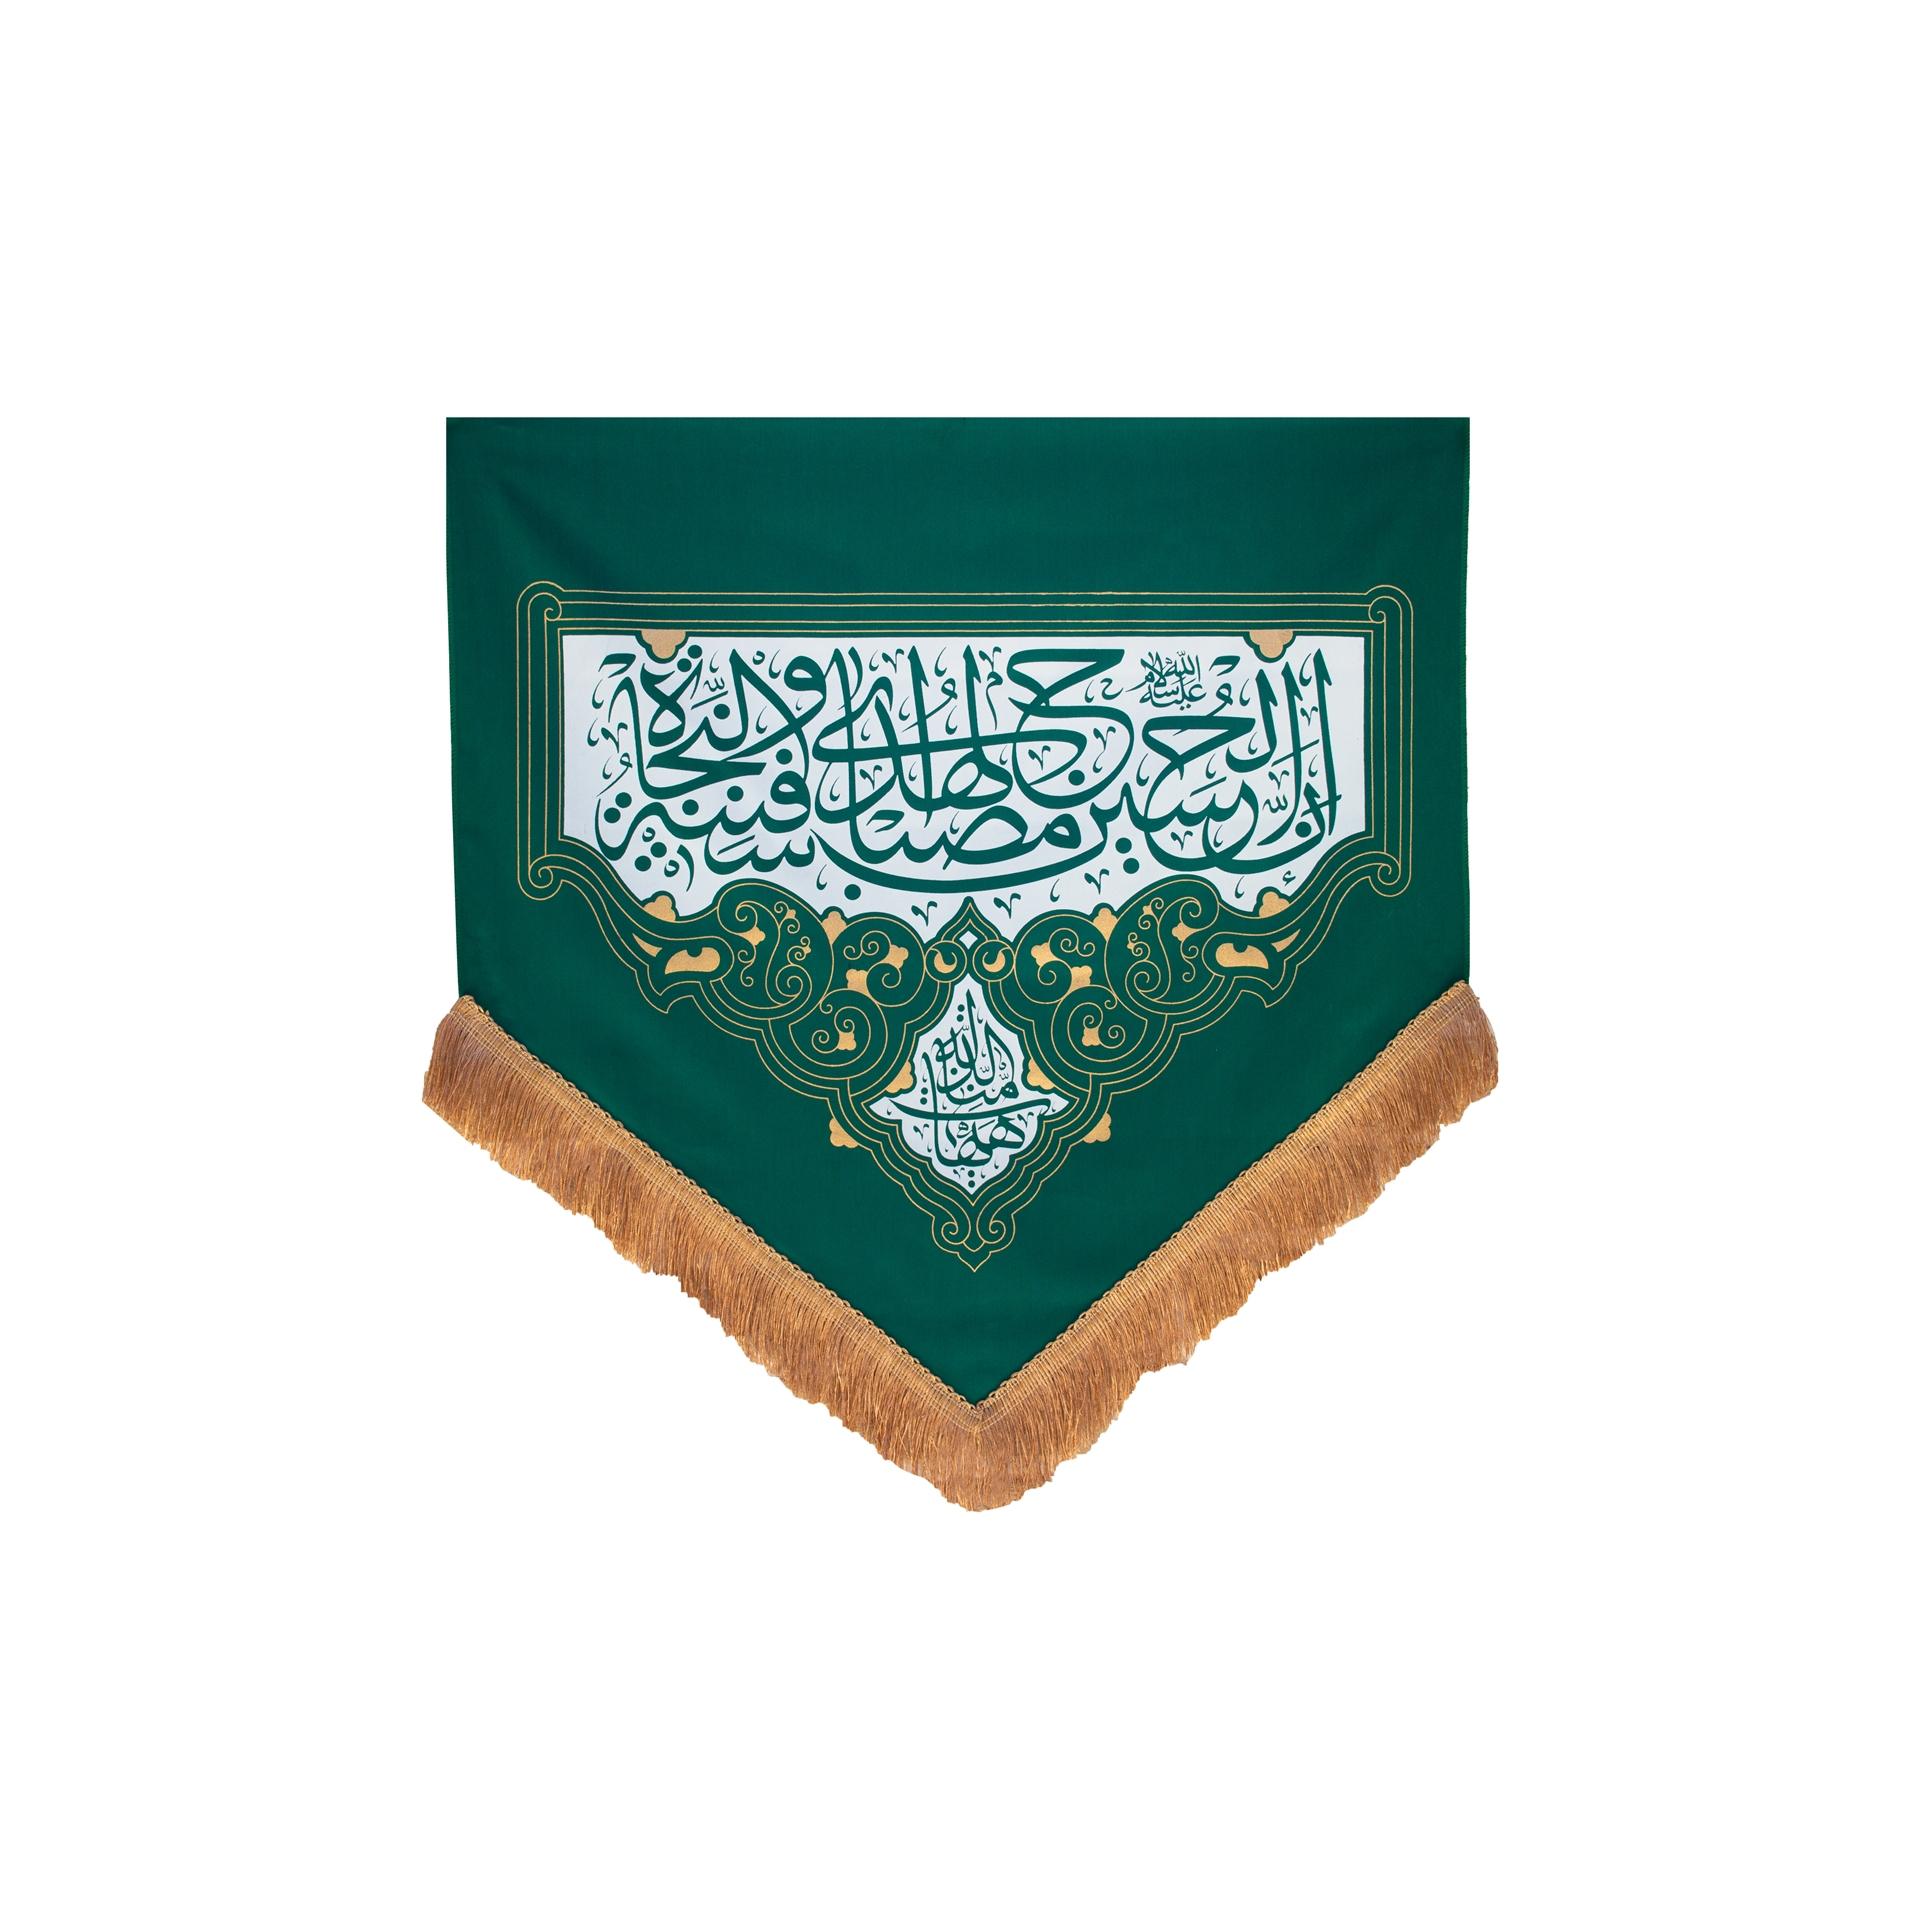 تصویر از بیرق «ان الحسین مصباح الهدی»، پارچه کجراه ۷۵×۷۵ سانتیمتر